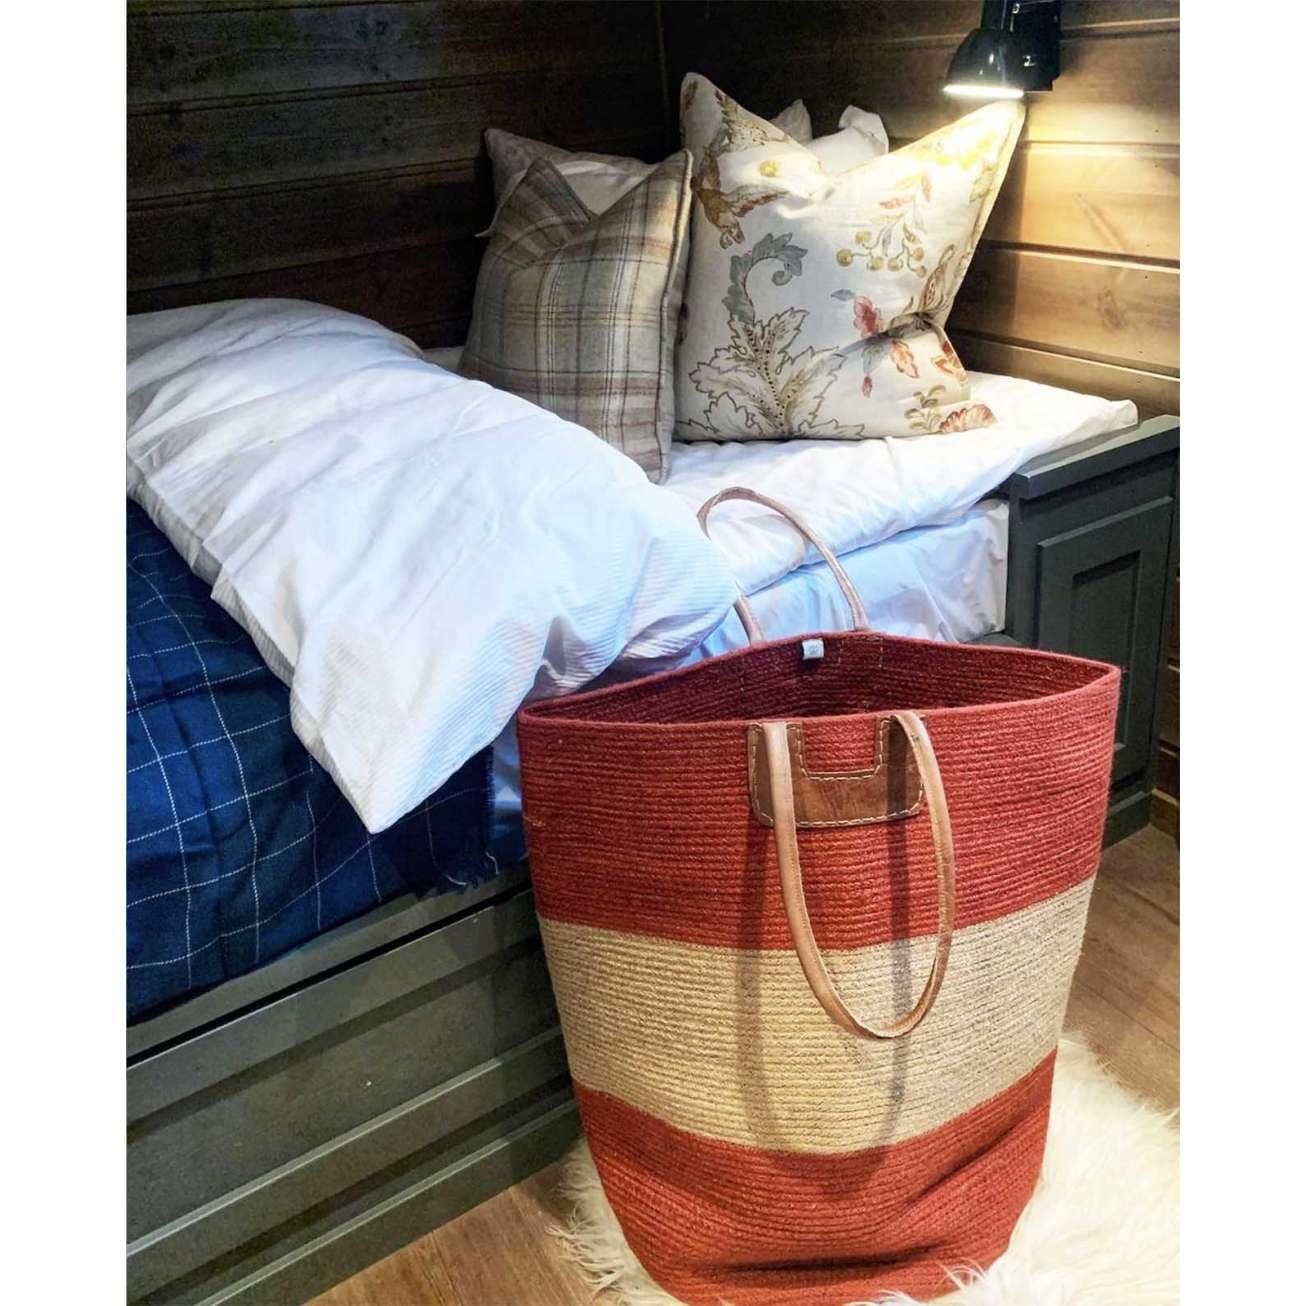 House-of-good-people-bag-produsert-av-kvinner-fra-india Hagemøbler og utemøbler - Fine design